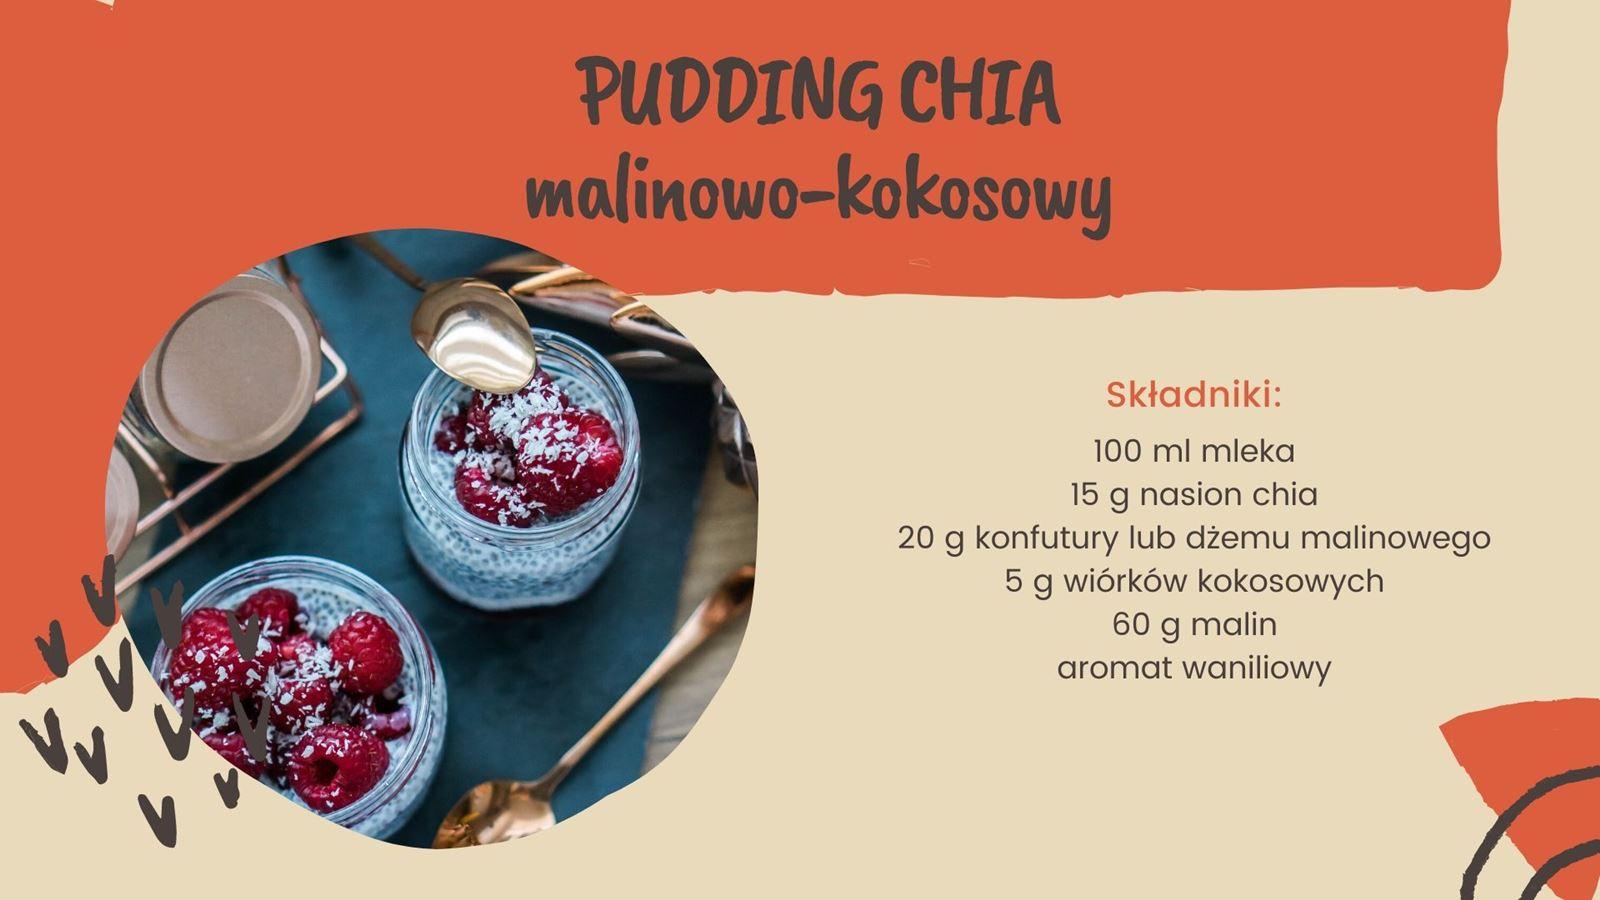 5 jak zrobić zdrowy i szybki deser z nasionami chia pudding chia przepis jak przygotować z truskawkami, pomysł na łatwy deser na sniadanie how make easy health pudding chia receipes